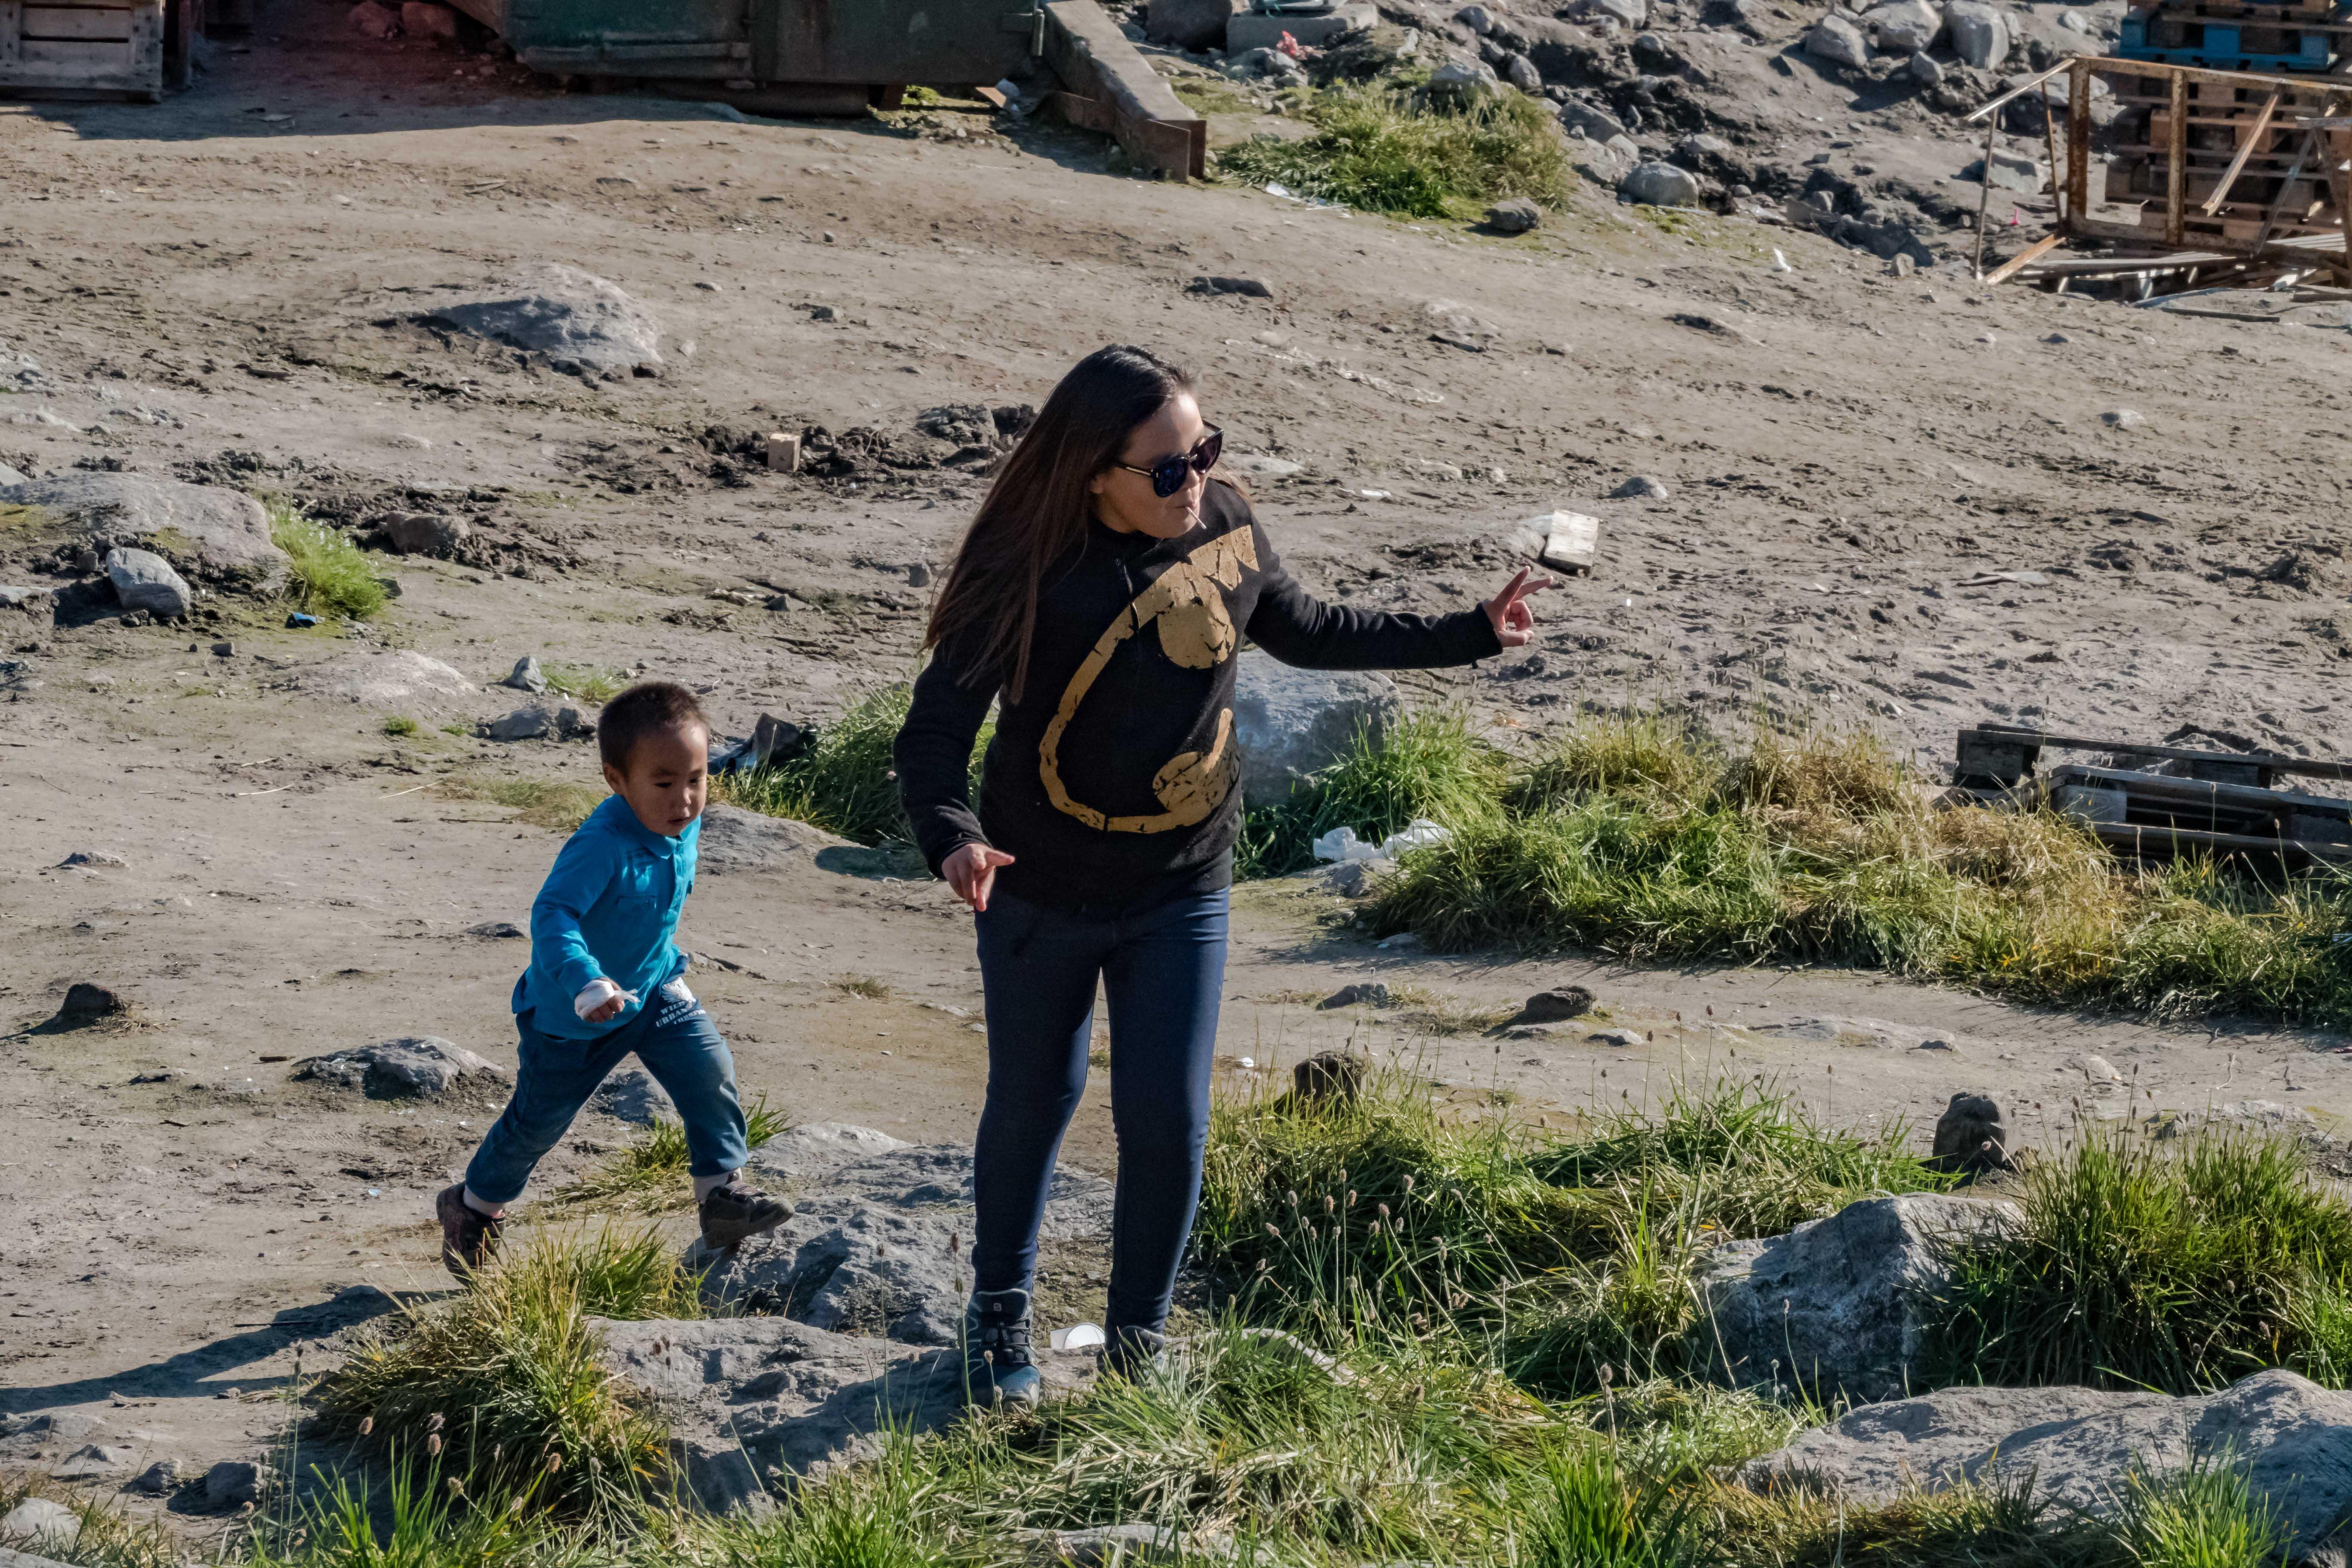 Call girl in Kullorsuaq